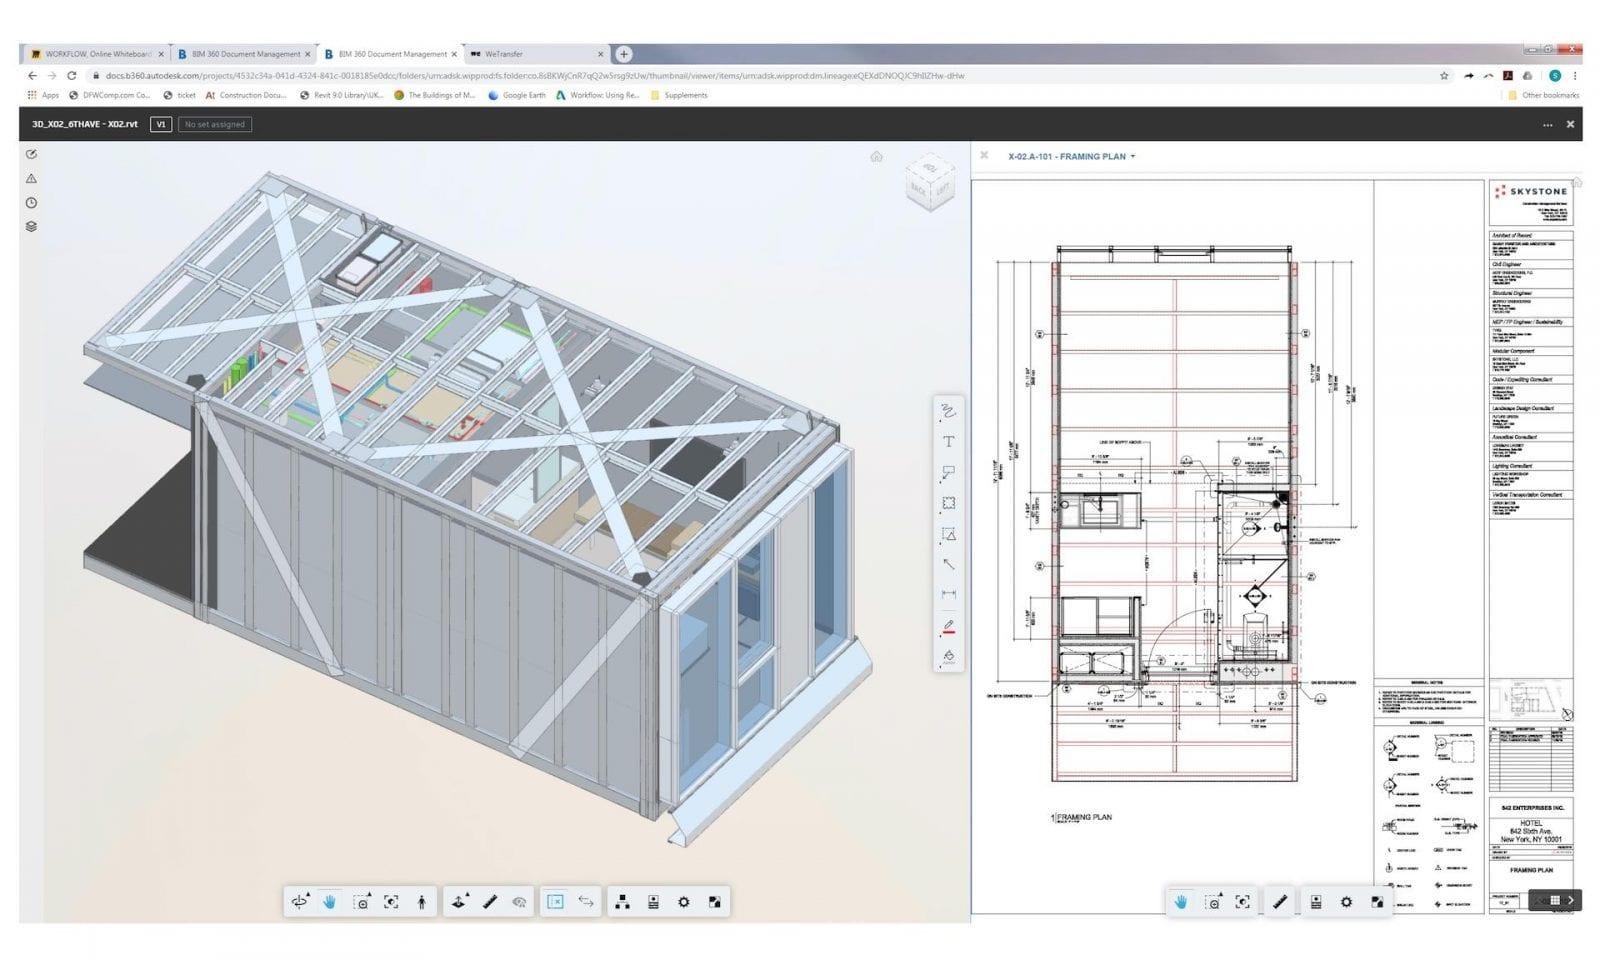 Die BIM 360-Plattform ermöglicht die Verwaltung aller Projektdaten und eine nahtlose Zusammenarbeit des Teams (Foto © Autodesk)